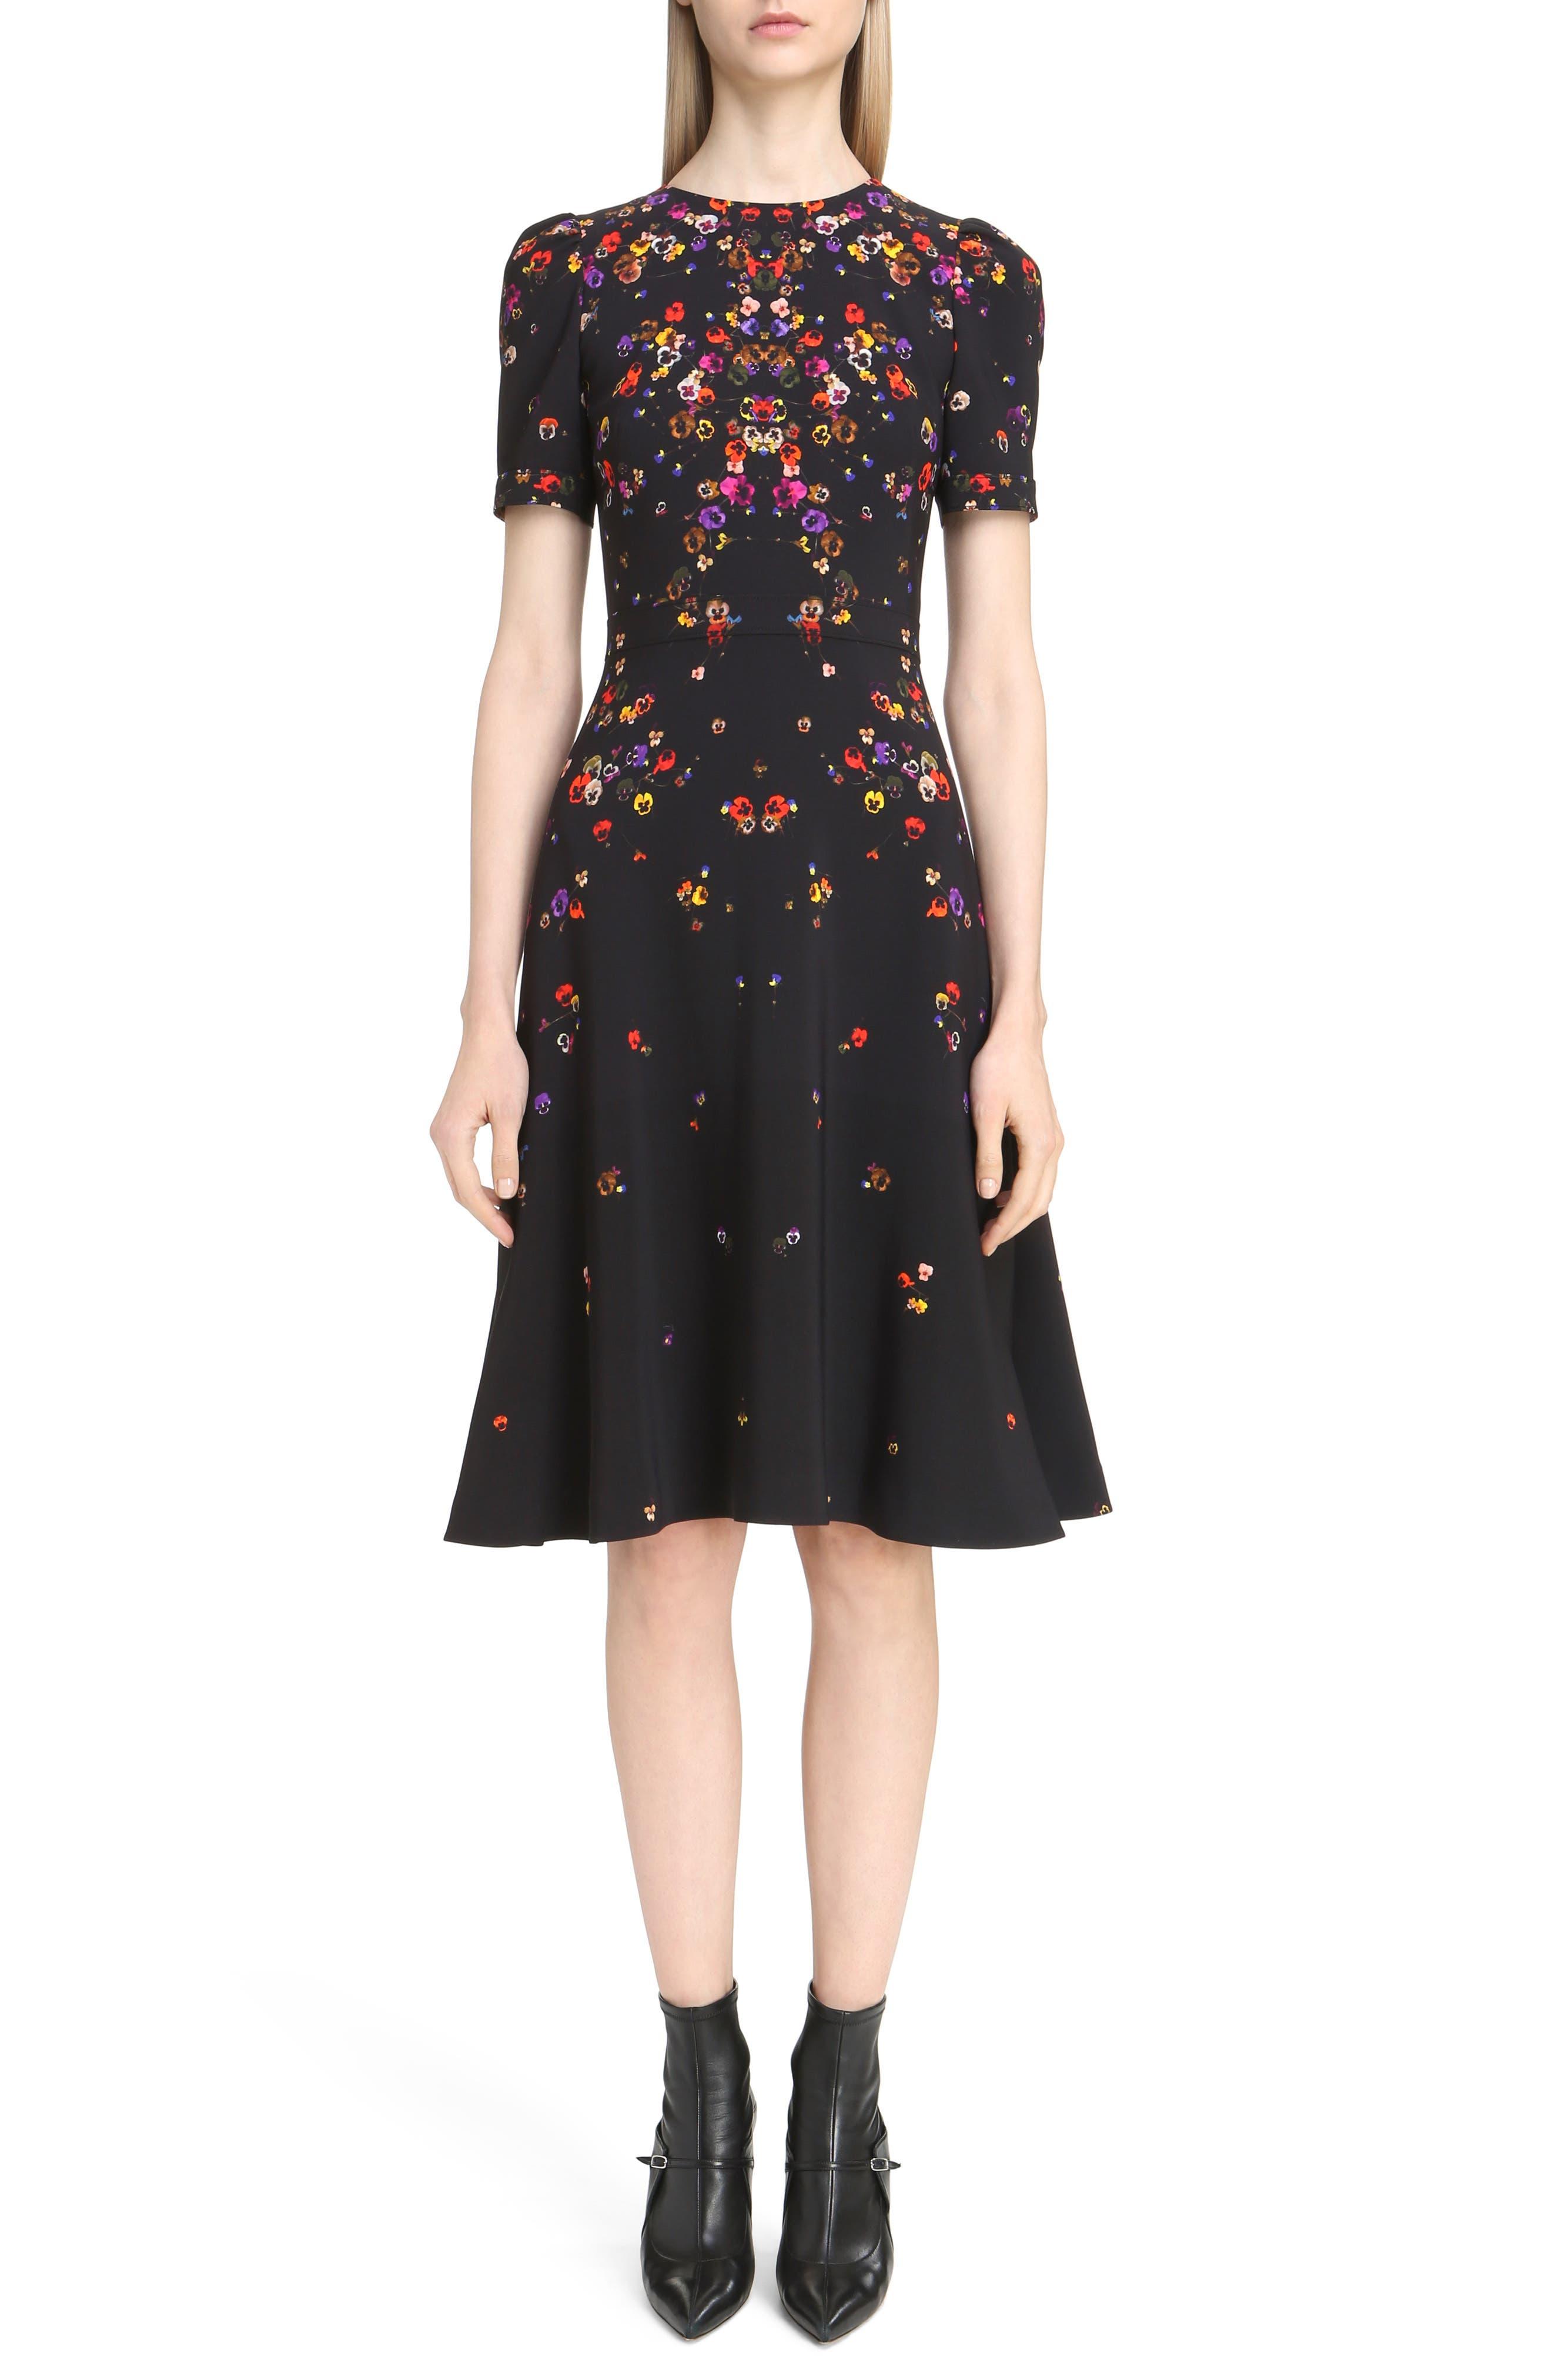 Givenchy Pansy Print Stretch Cady Dress